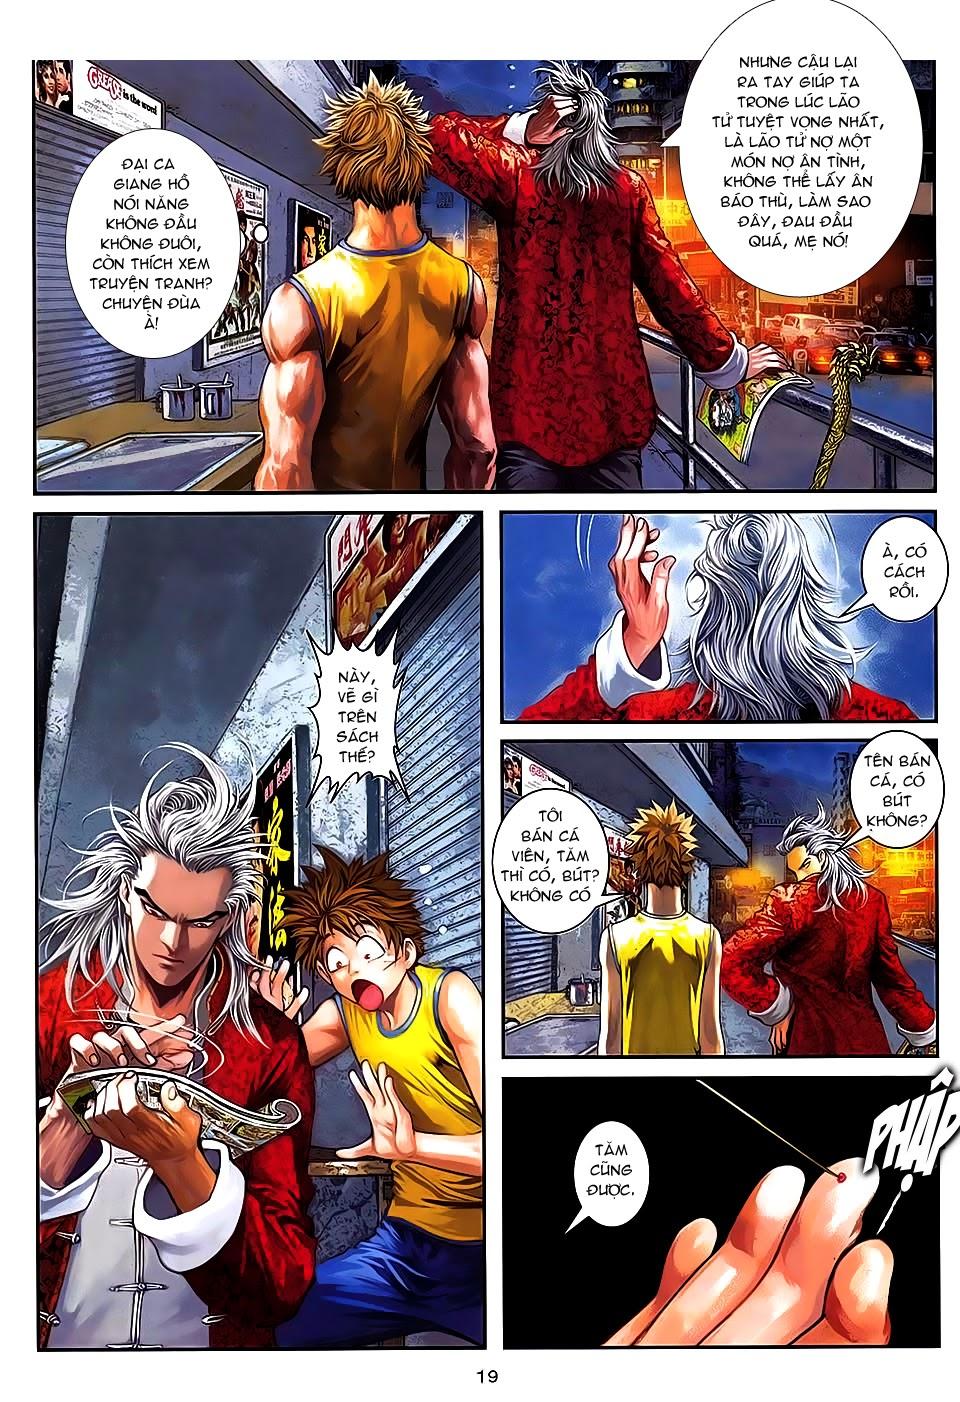 Quyền Đạo chapter 7 trang 18